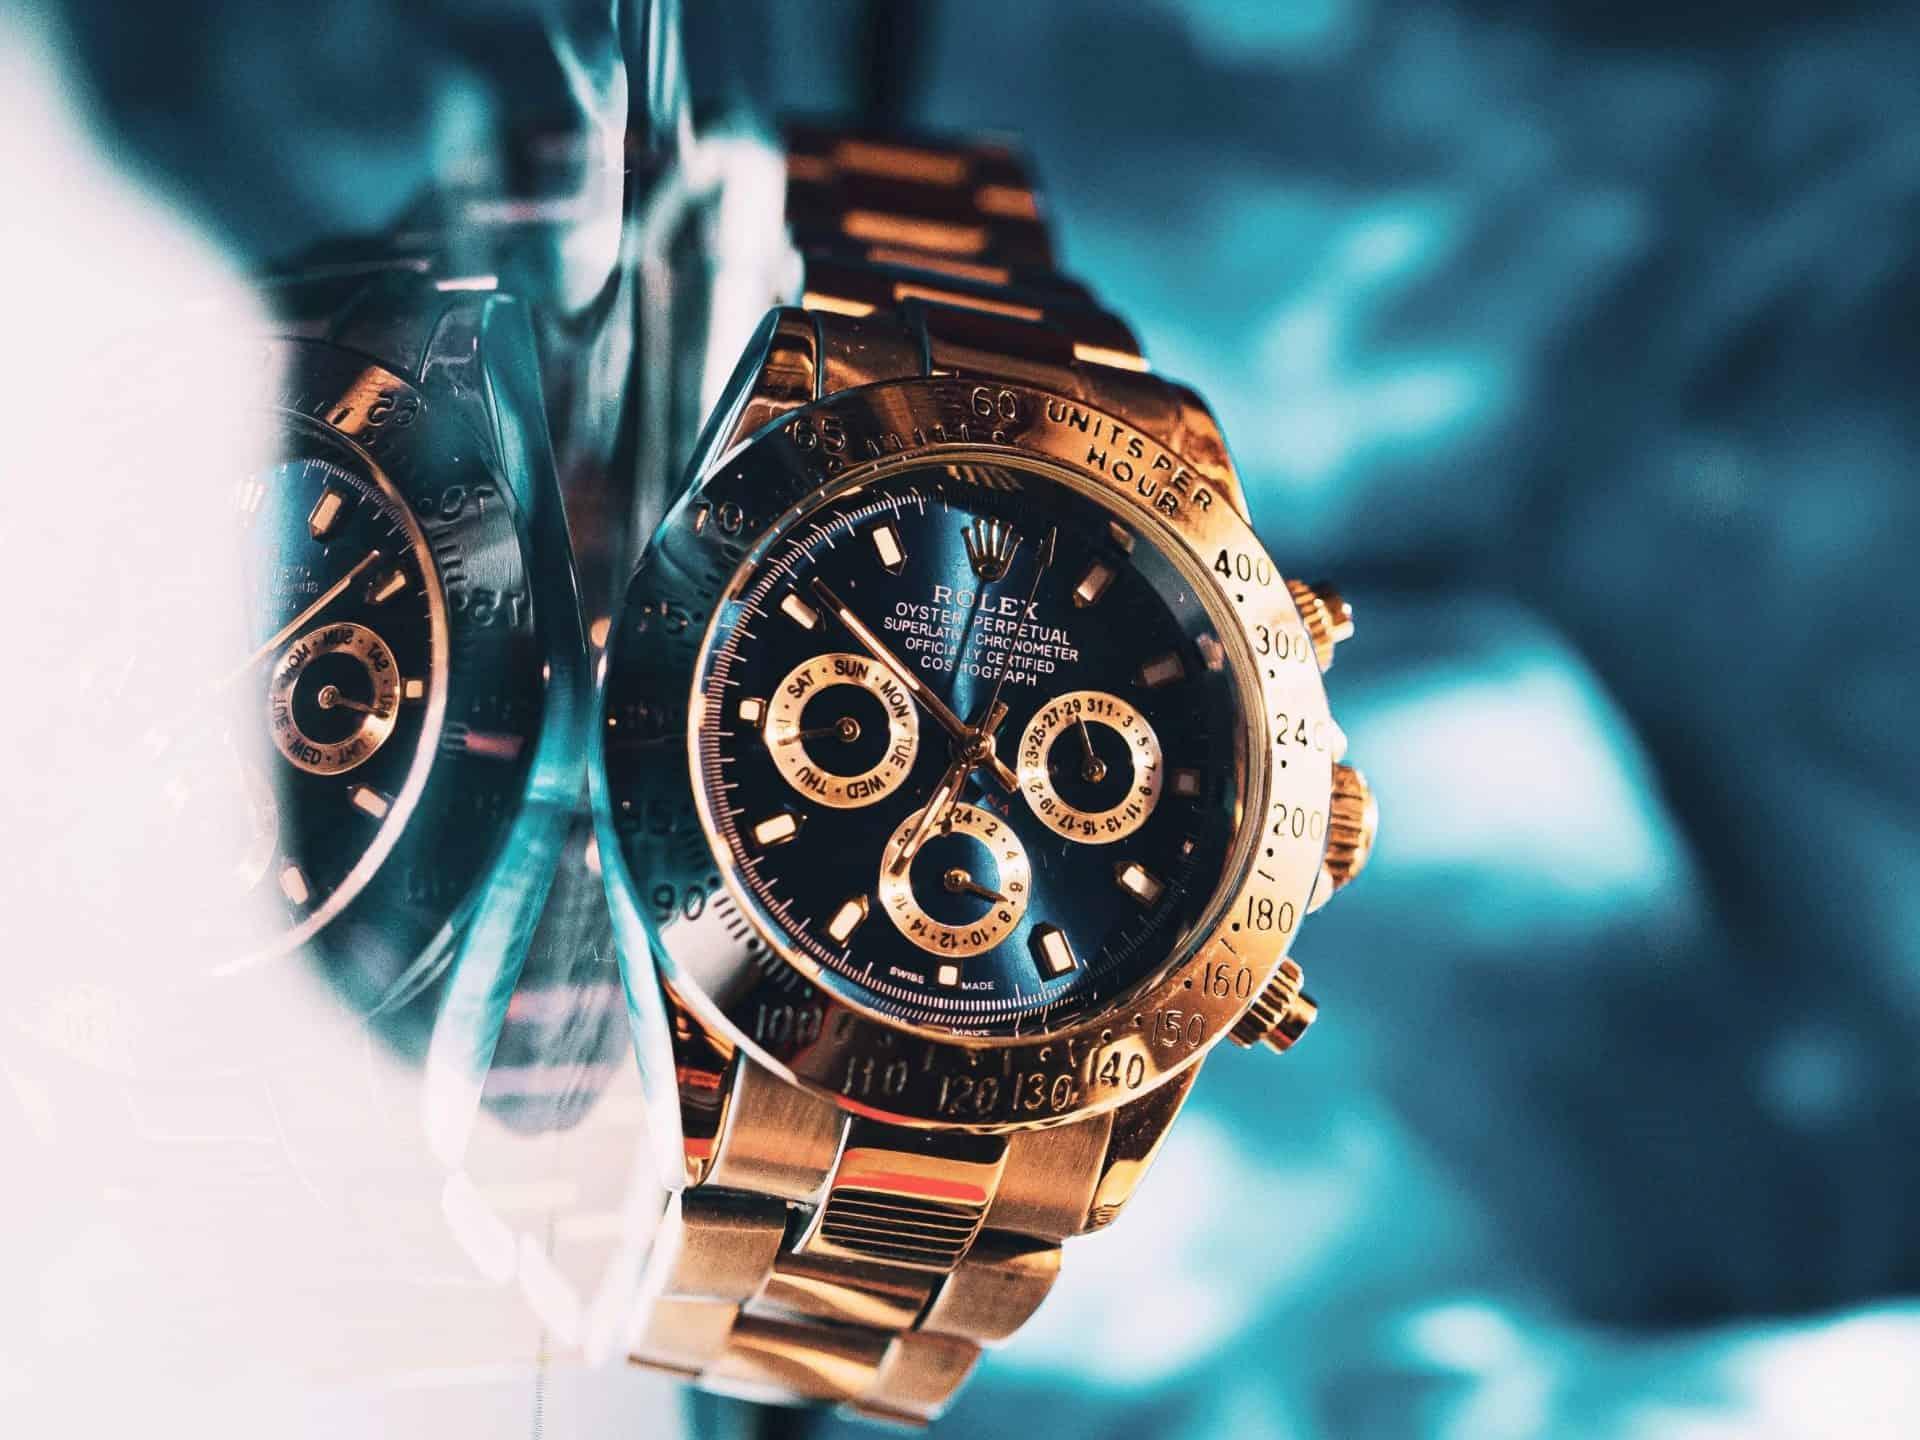 Uhren Webinar Finanzen100 Uhren als Geldanlage? Das Webinar gibt Tipps vom Profi